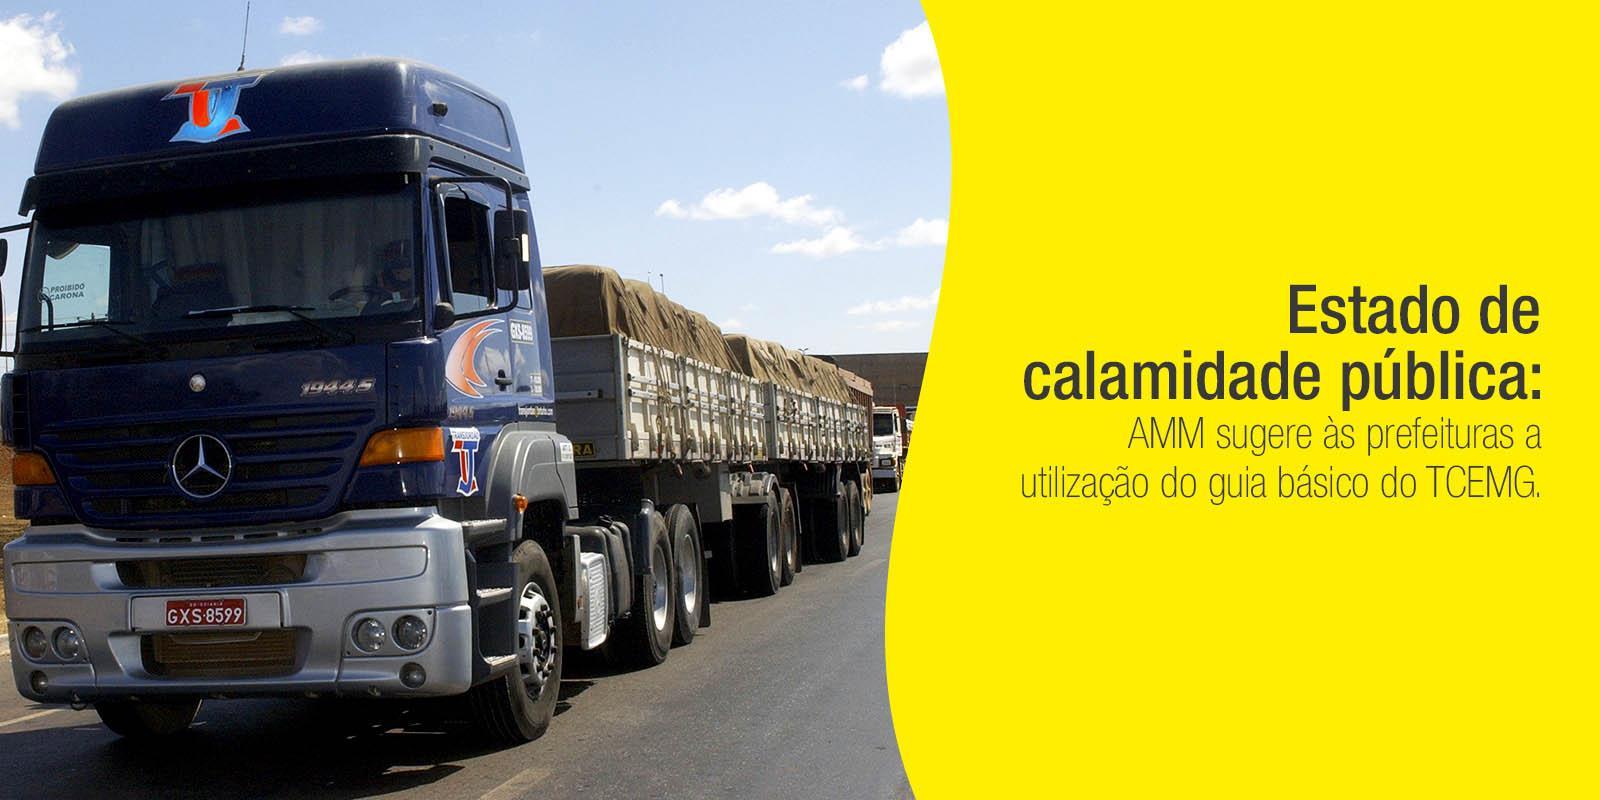 Estado de calamidade pública: AMM sugere às prefeituras a utilização do guia básico do TCEMG